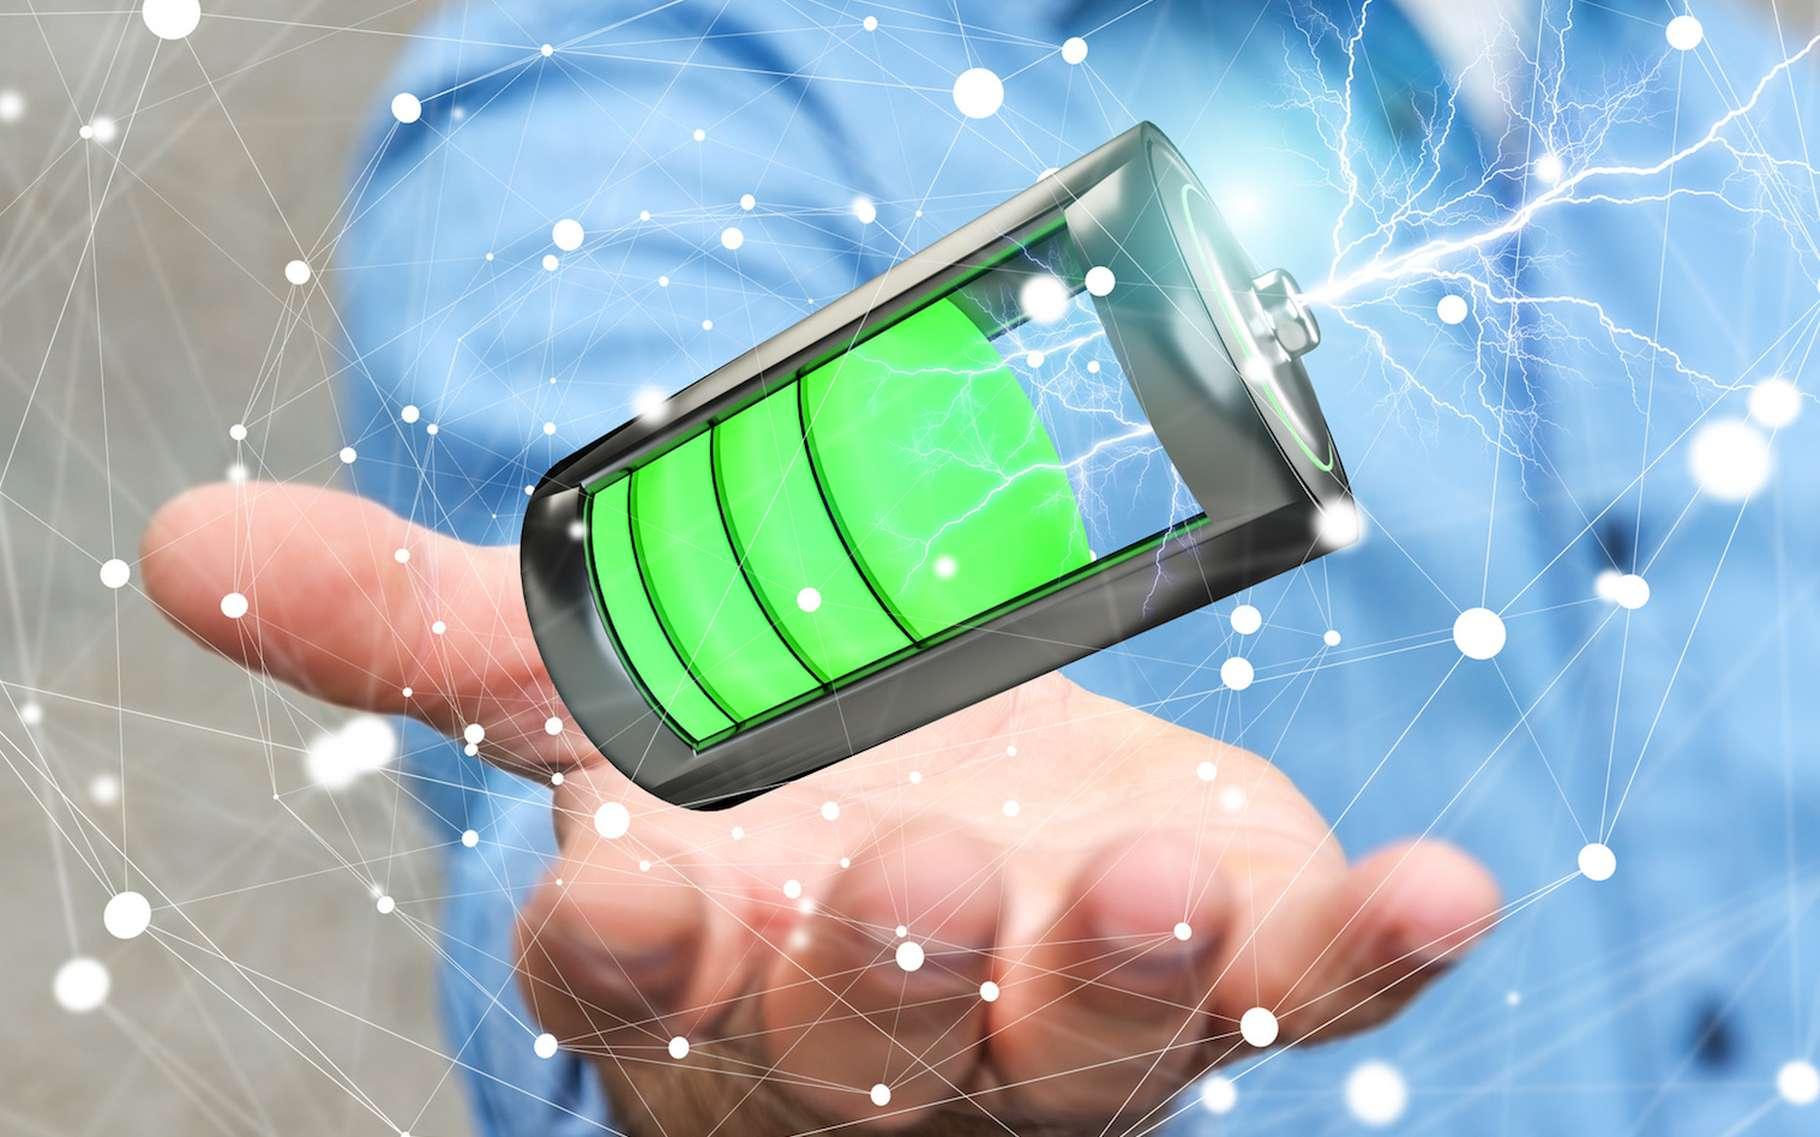 Des chercheurs américains et chinois proposent de recourir à l'électrodéposition pour concevoir des électrodes plus performantes et des batteries d'un genre nouveau. © sdecoret, Fotolia